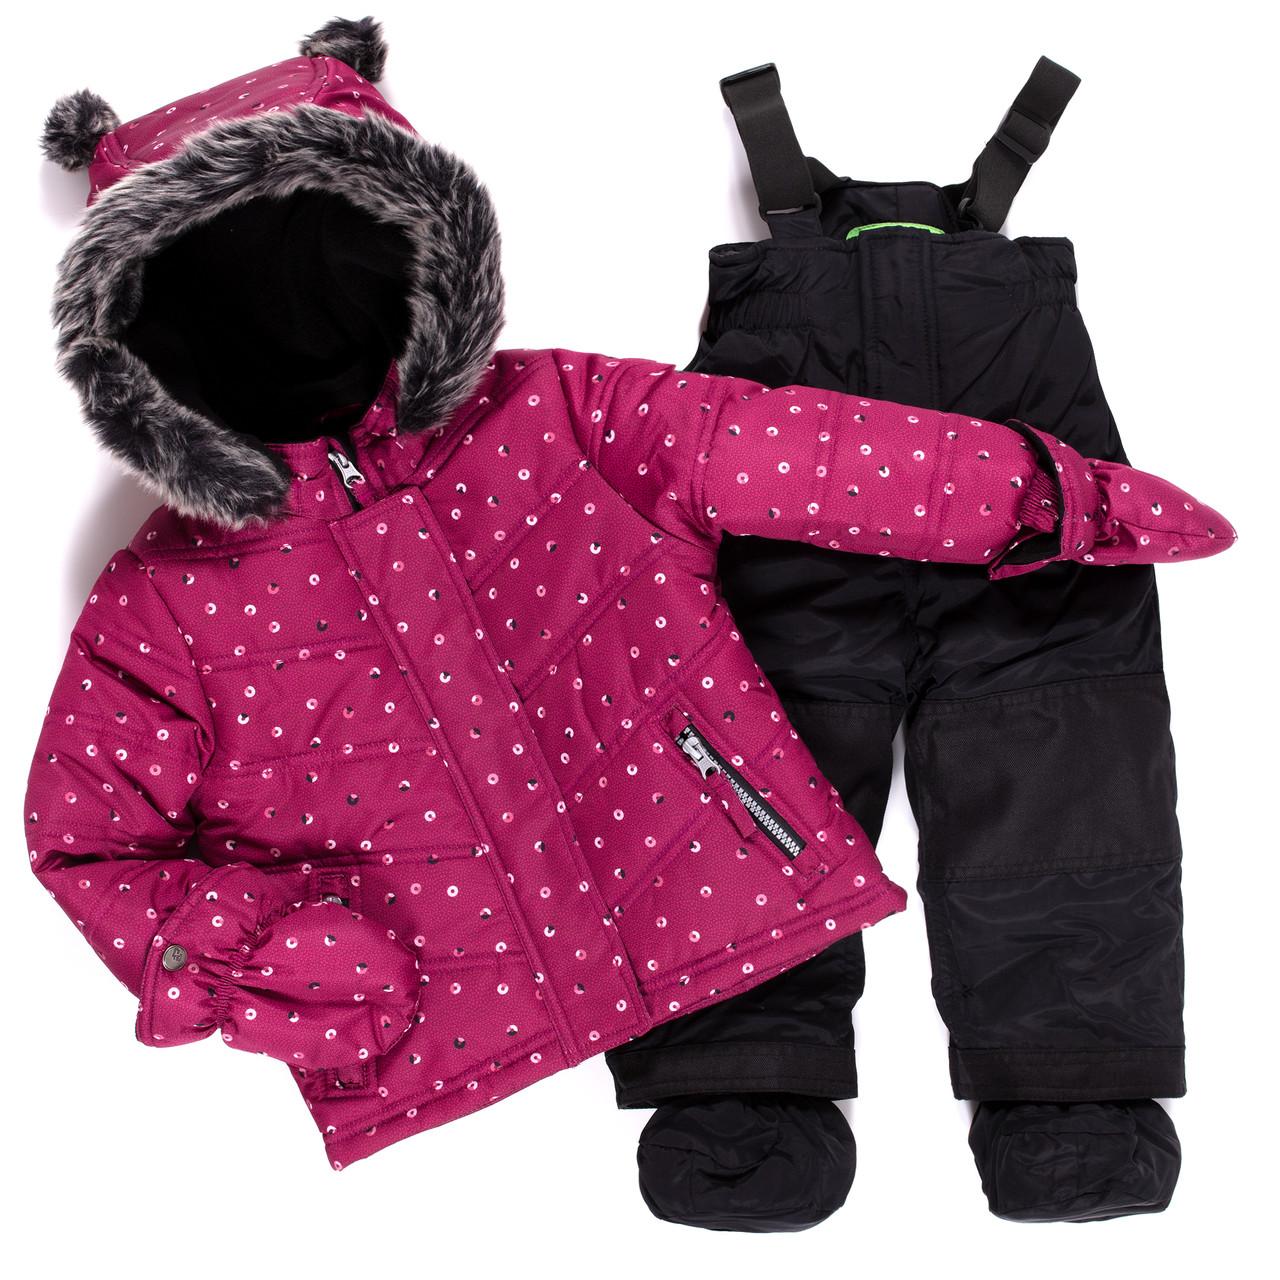 Теплый зимний комплект для девочки от peluche & tartine